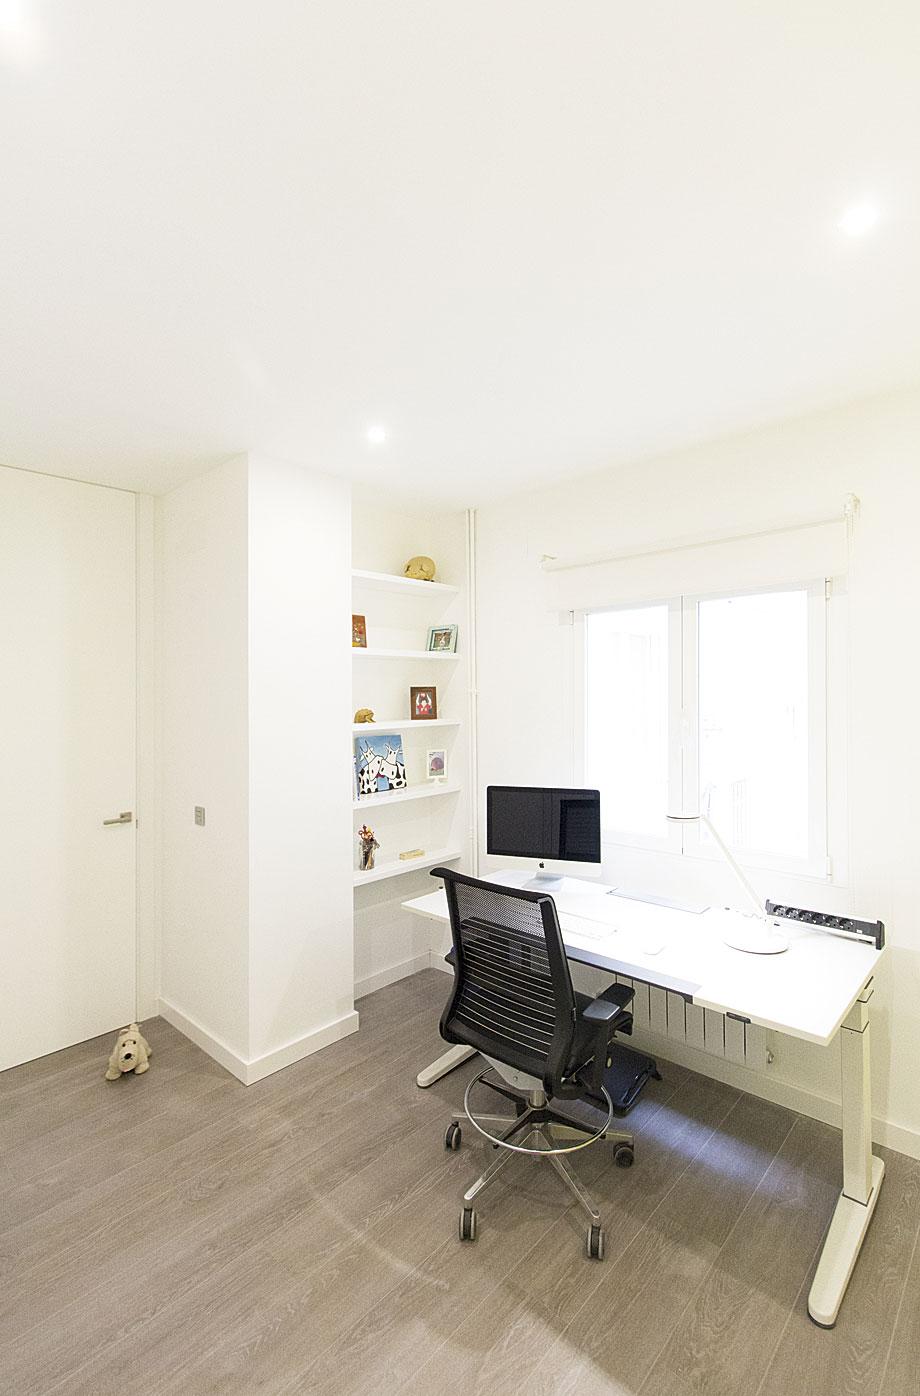 diseño-interior-vivienda-madrid-amasl-estudio-artycocina-santos (24)